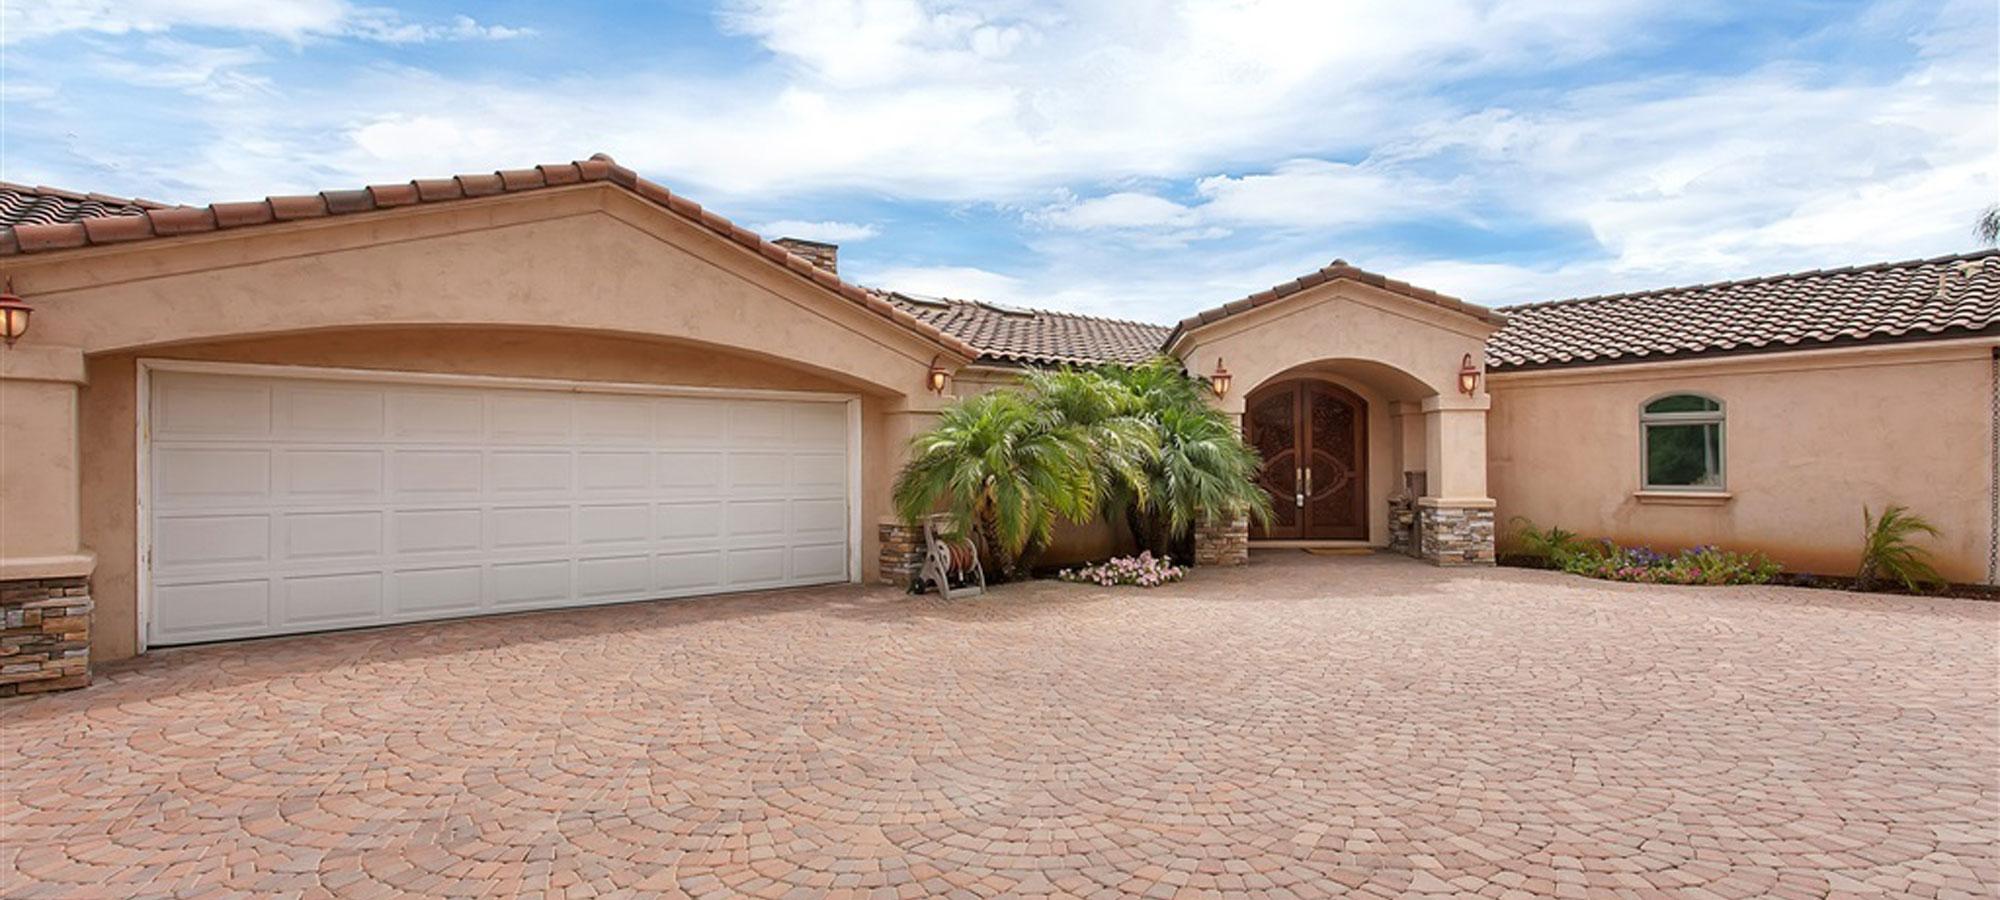 1015 W Via Rancho Pkwy Escondido, CA 92029